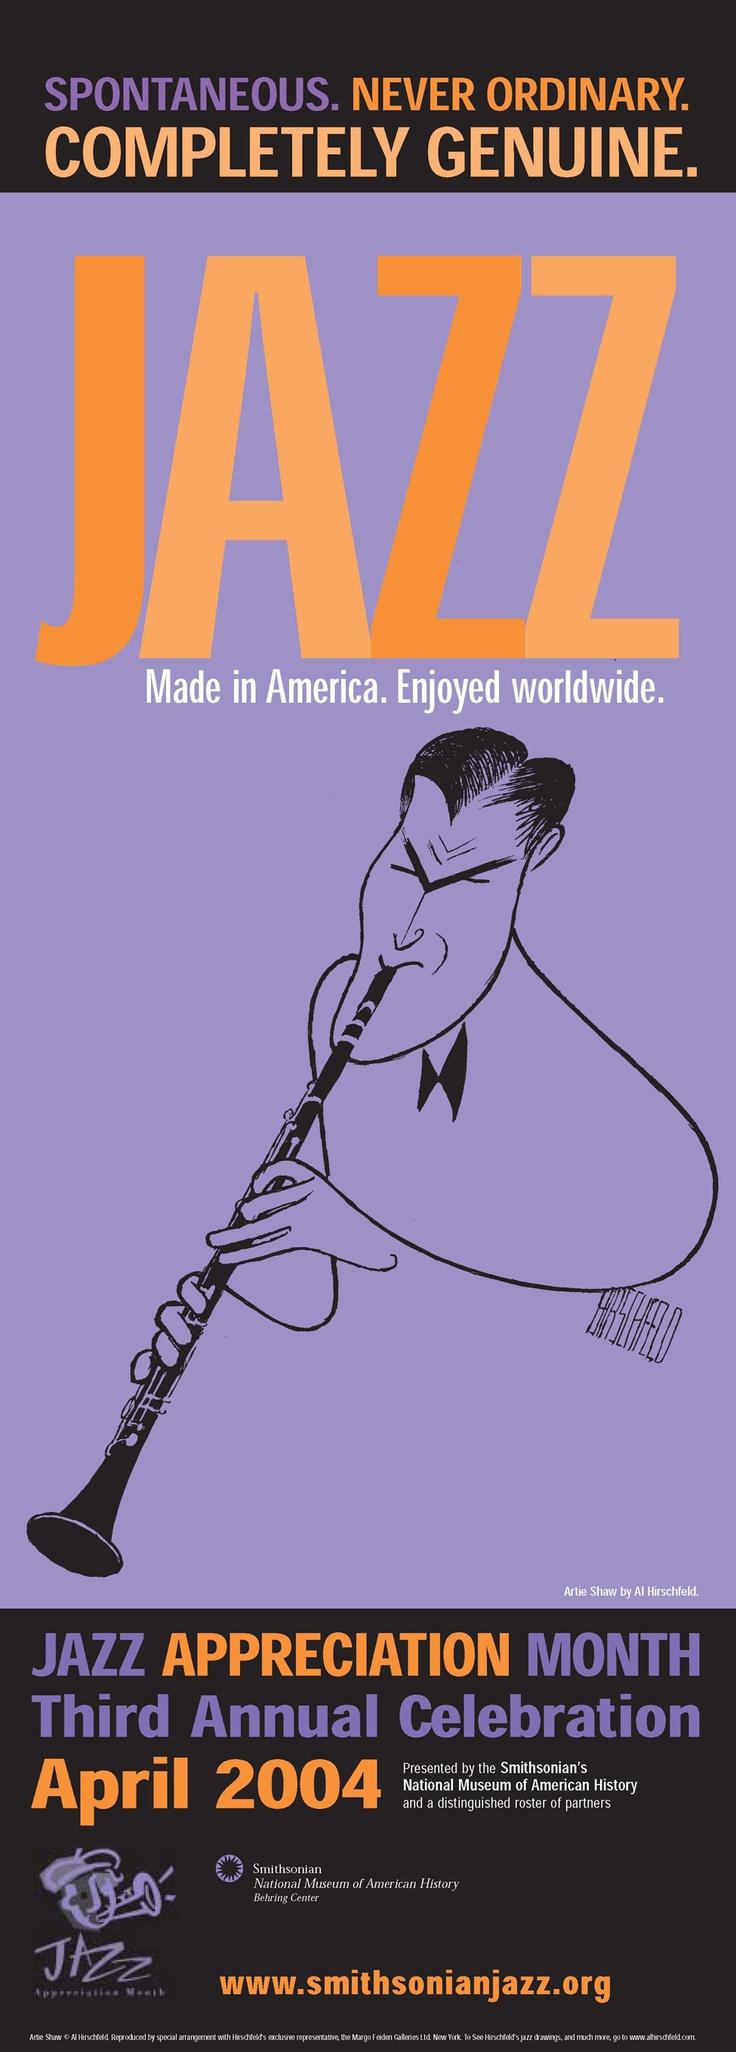 2004 JAM (Jazz Appreciation Month) Poster  ARTIE SHAW   http://www.smithsonianjazz.org